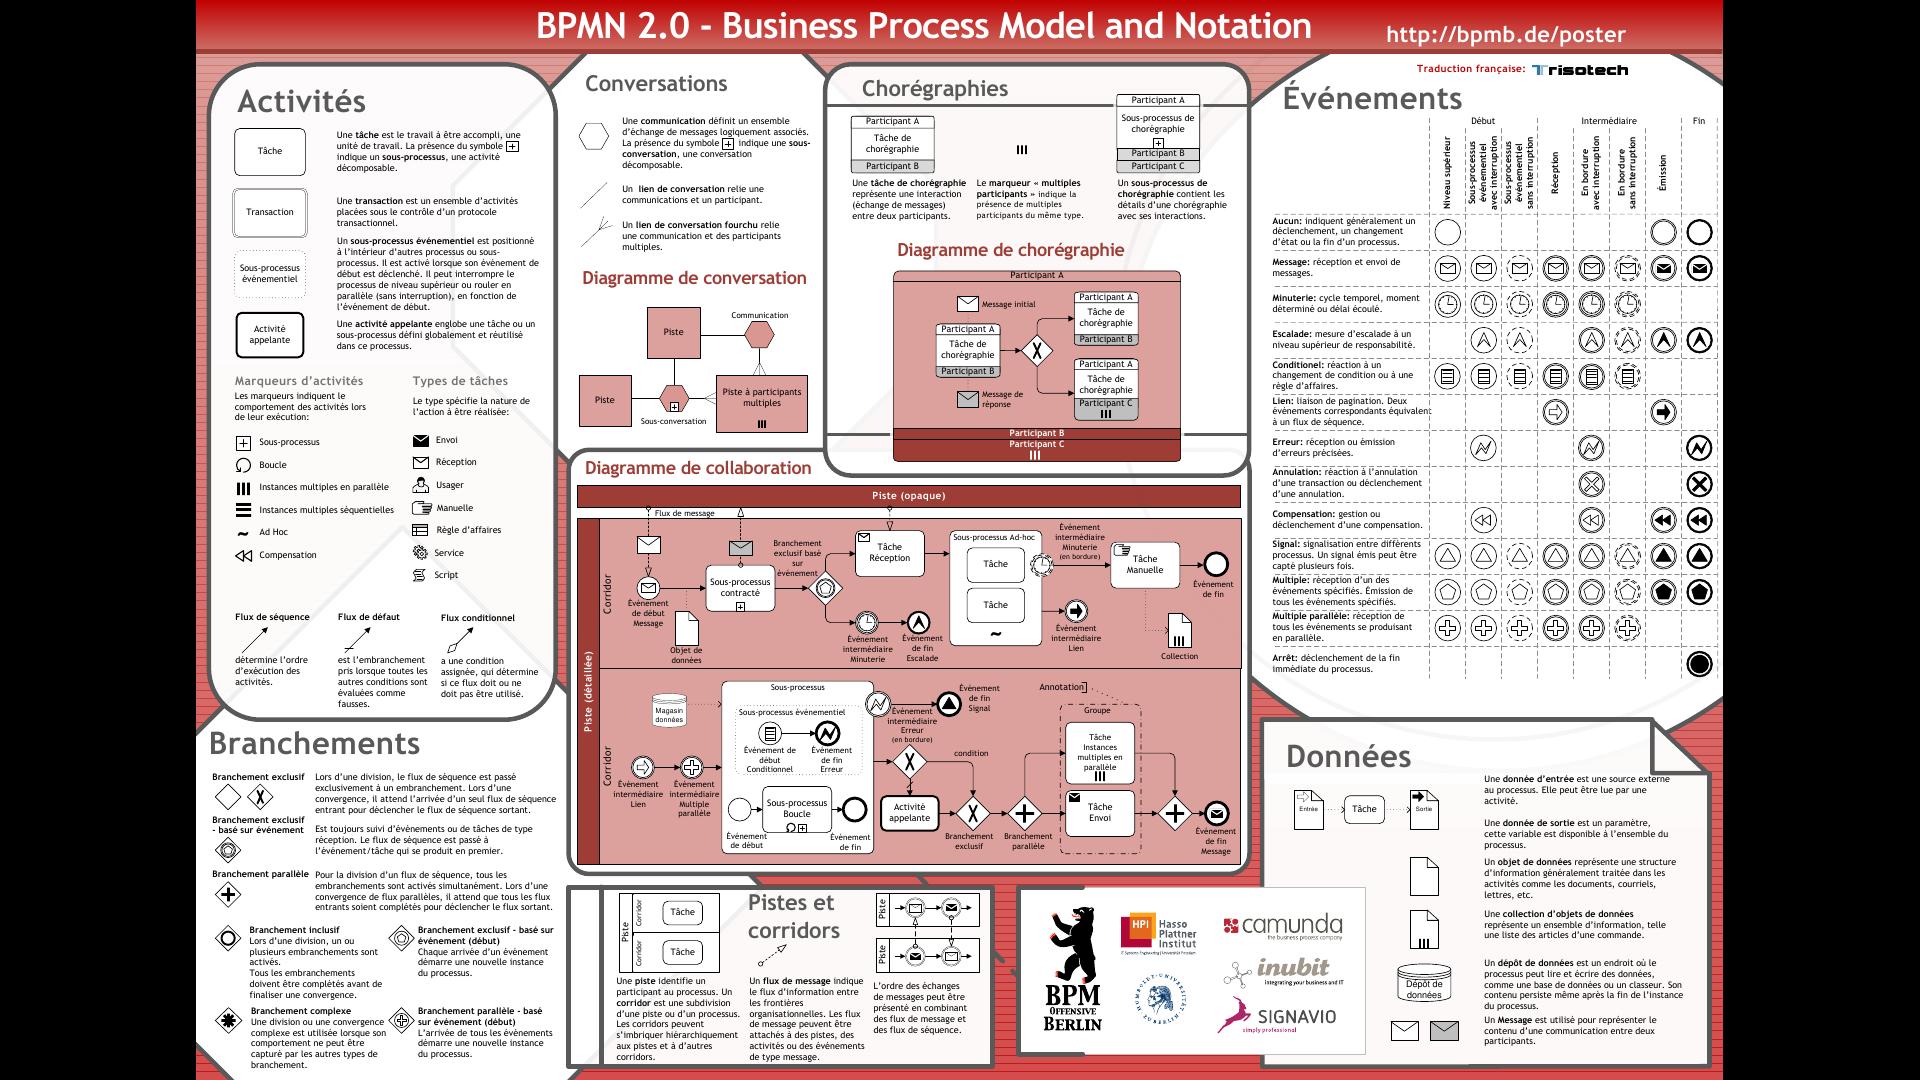 Моделирование бизнес процессов. Нотация BPMN – базовые элементы